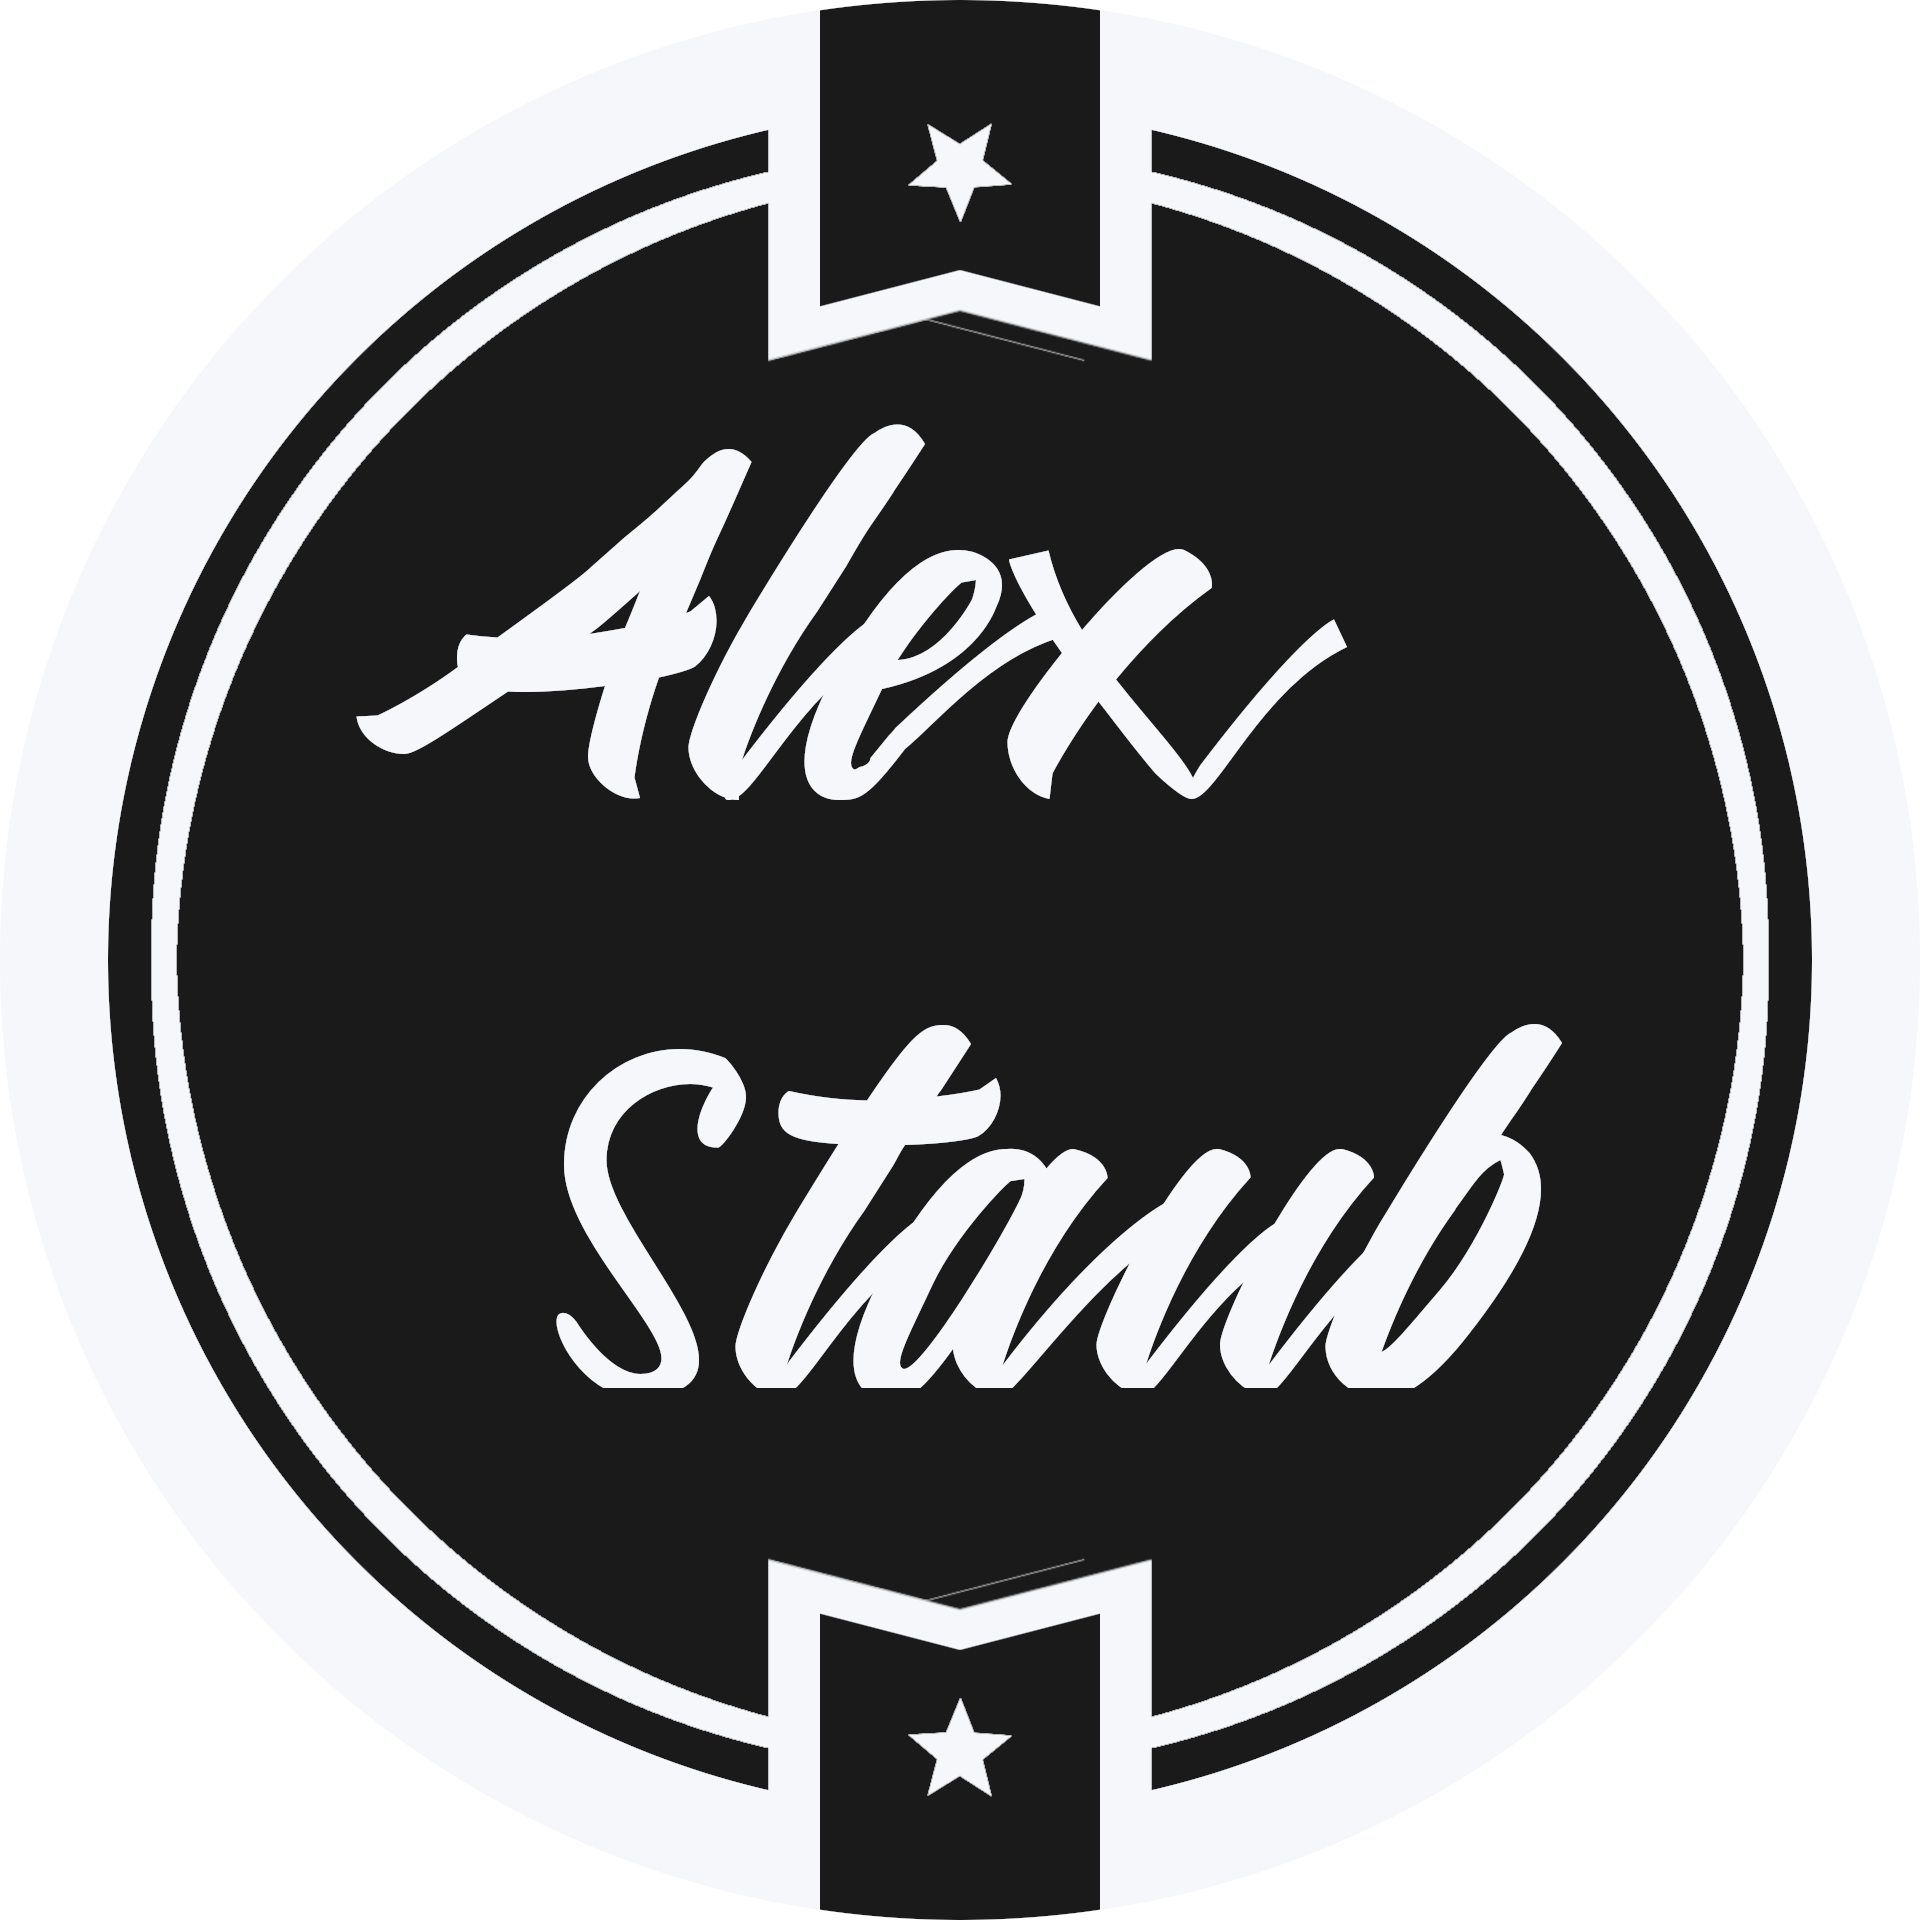 Alex Staub